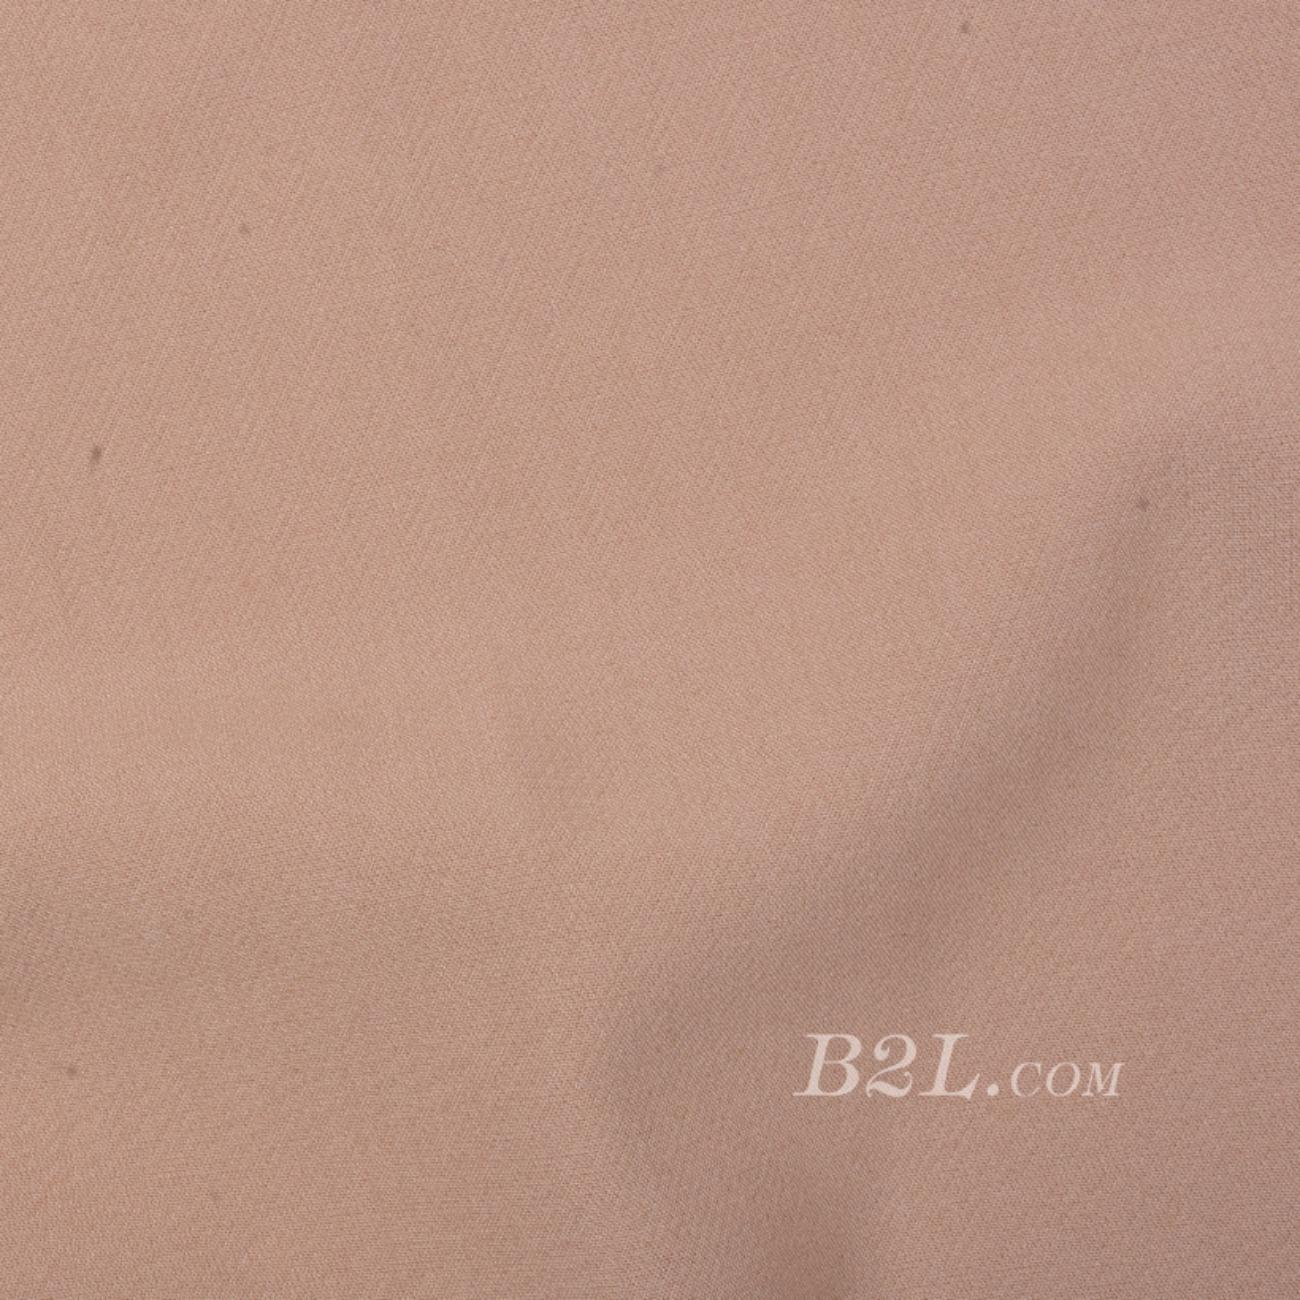 素色 梭织 染色 斜纹 无弹 春秋 连衣裙 外套 半身裙 90830-25